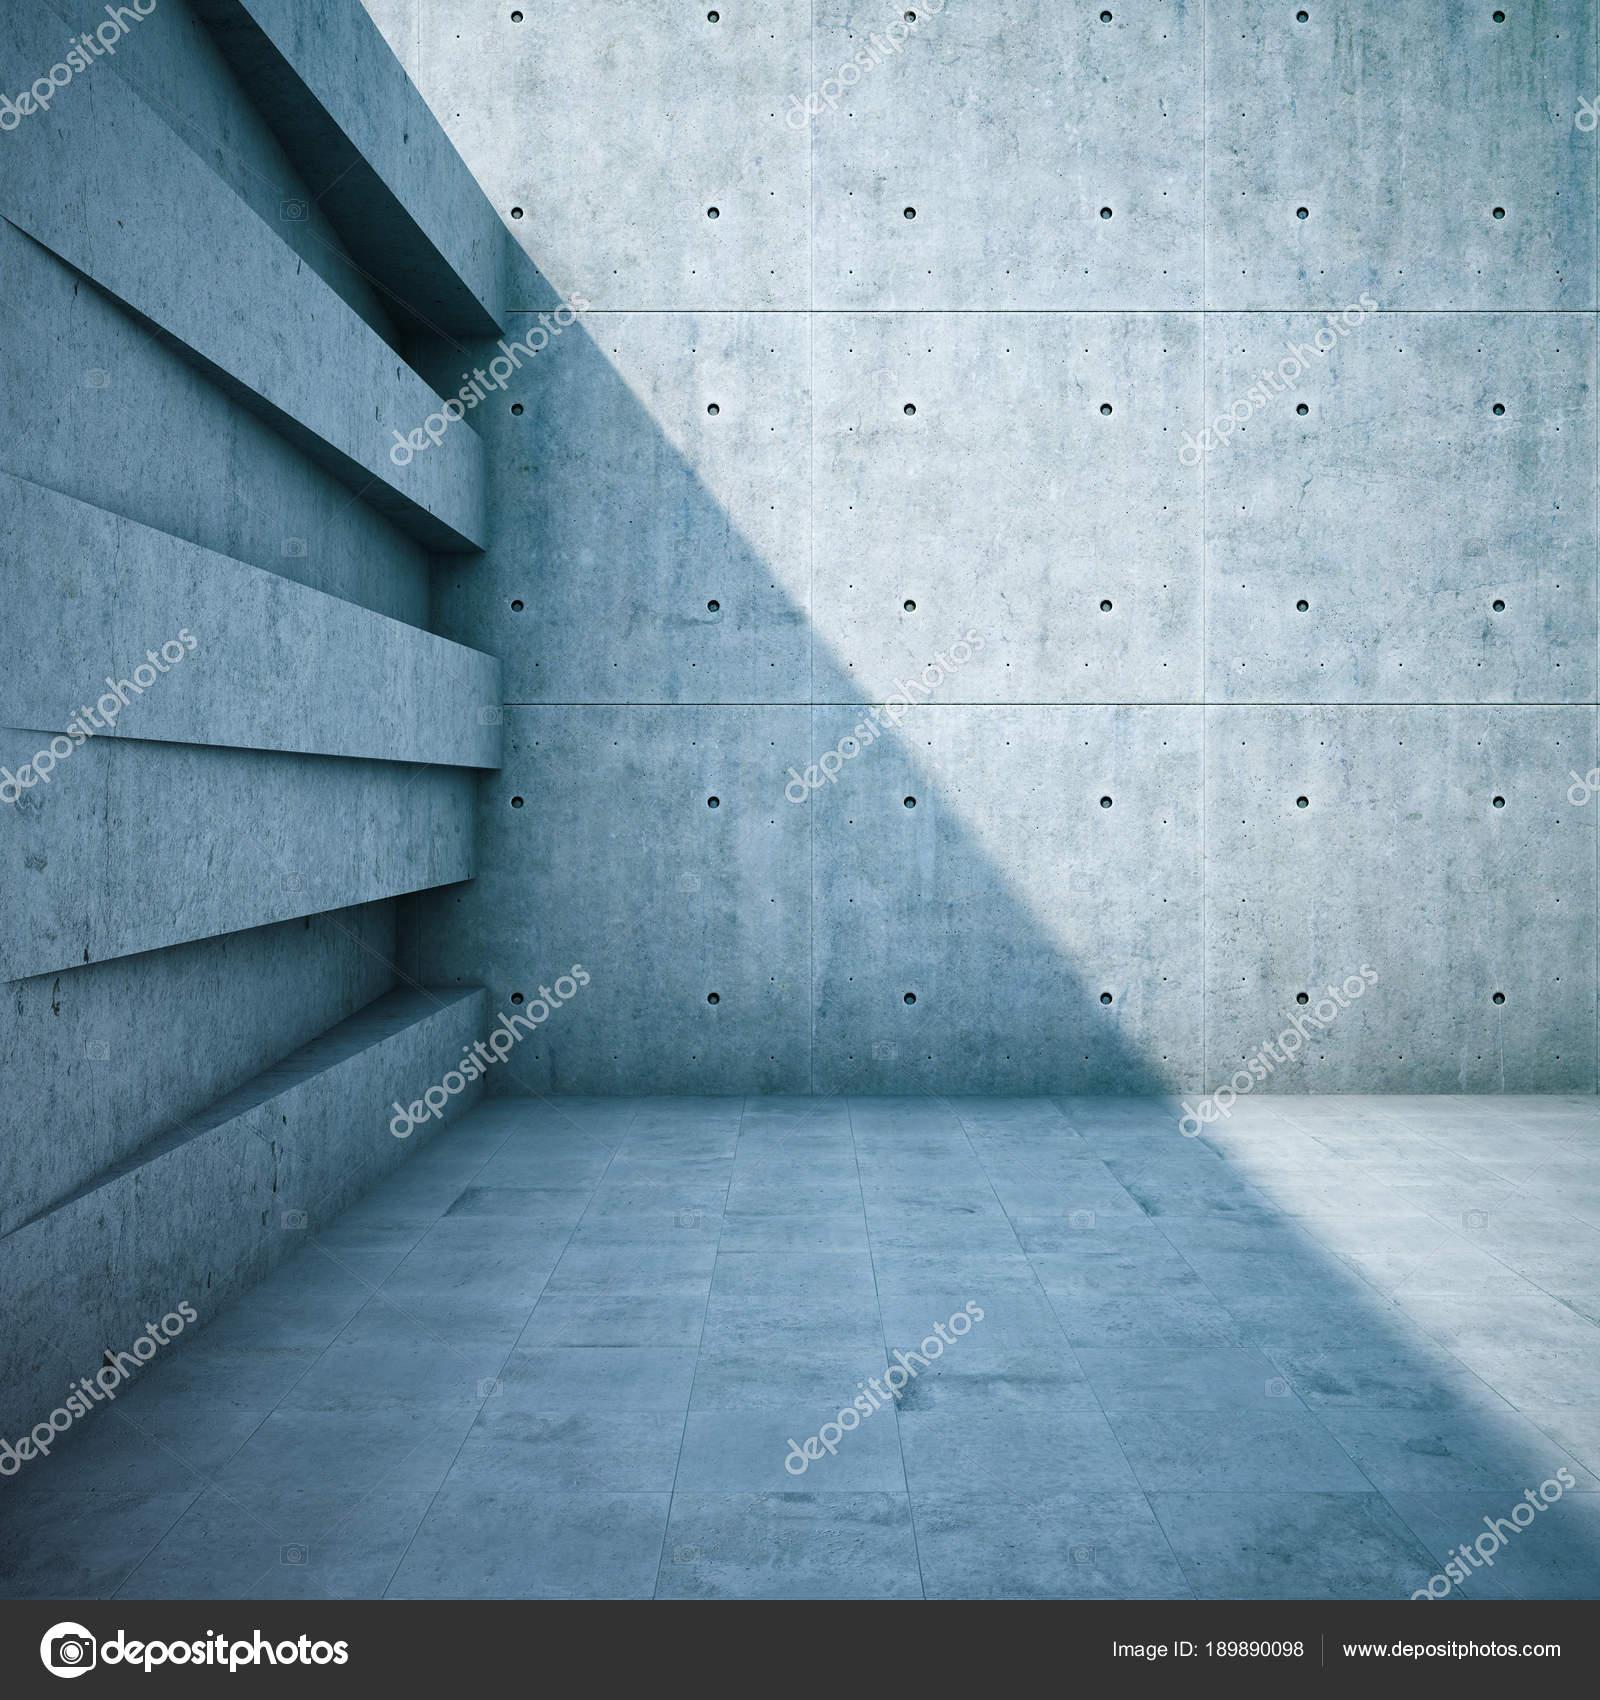 Architektonische Gestaltung Der Wände Aus Geometrischen Formen. 3D  Illustration U2014 Foto Von Shenki